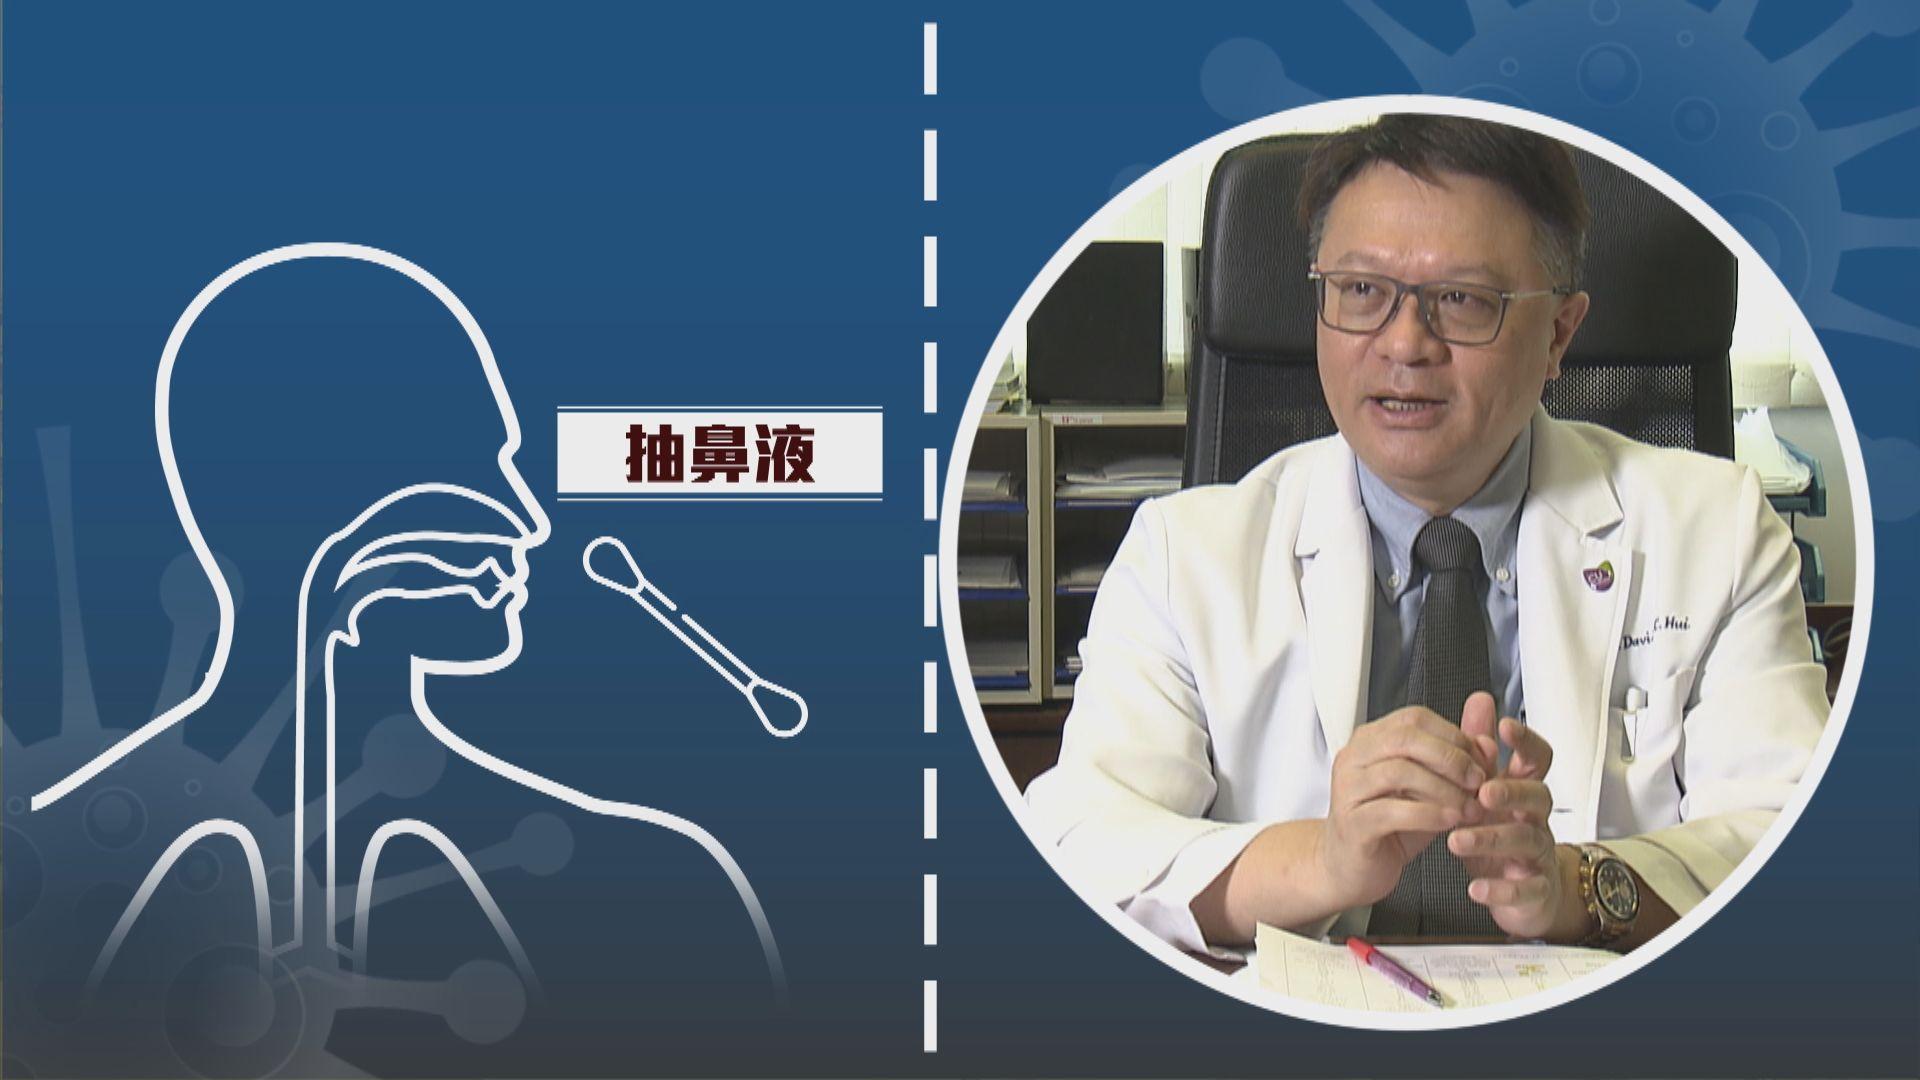 【抗疫一分鐘】新型肺炎檢測方法